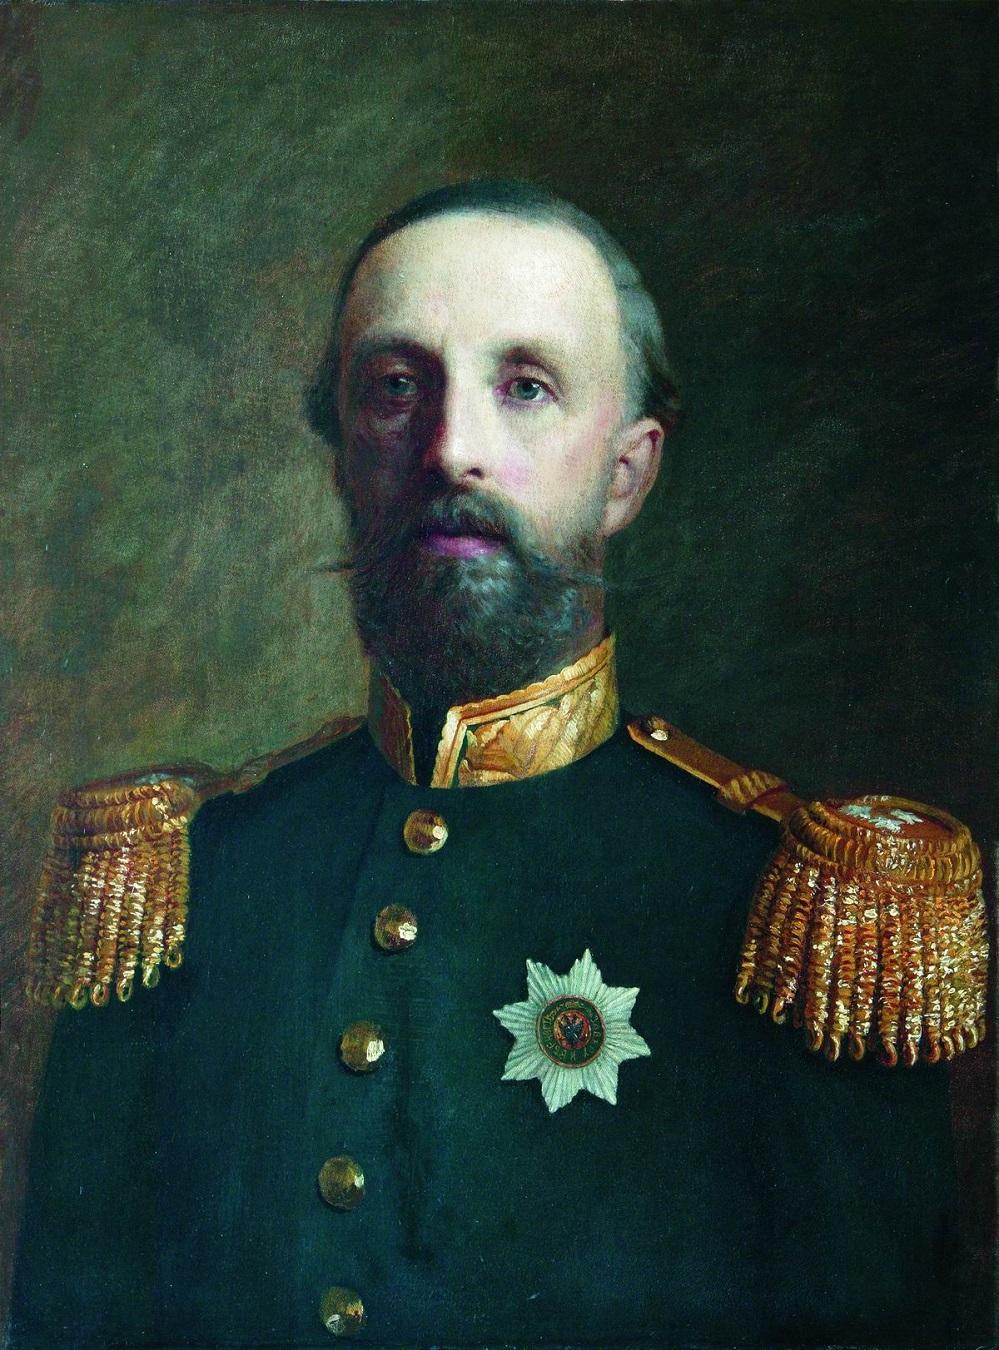 Принц Оскар Бернадот, герцог Остготландии. 1860-1870.  Частное собрание.